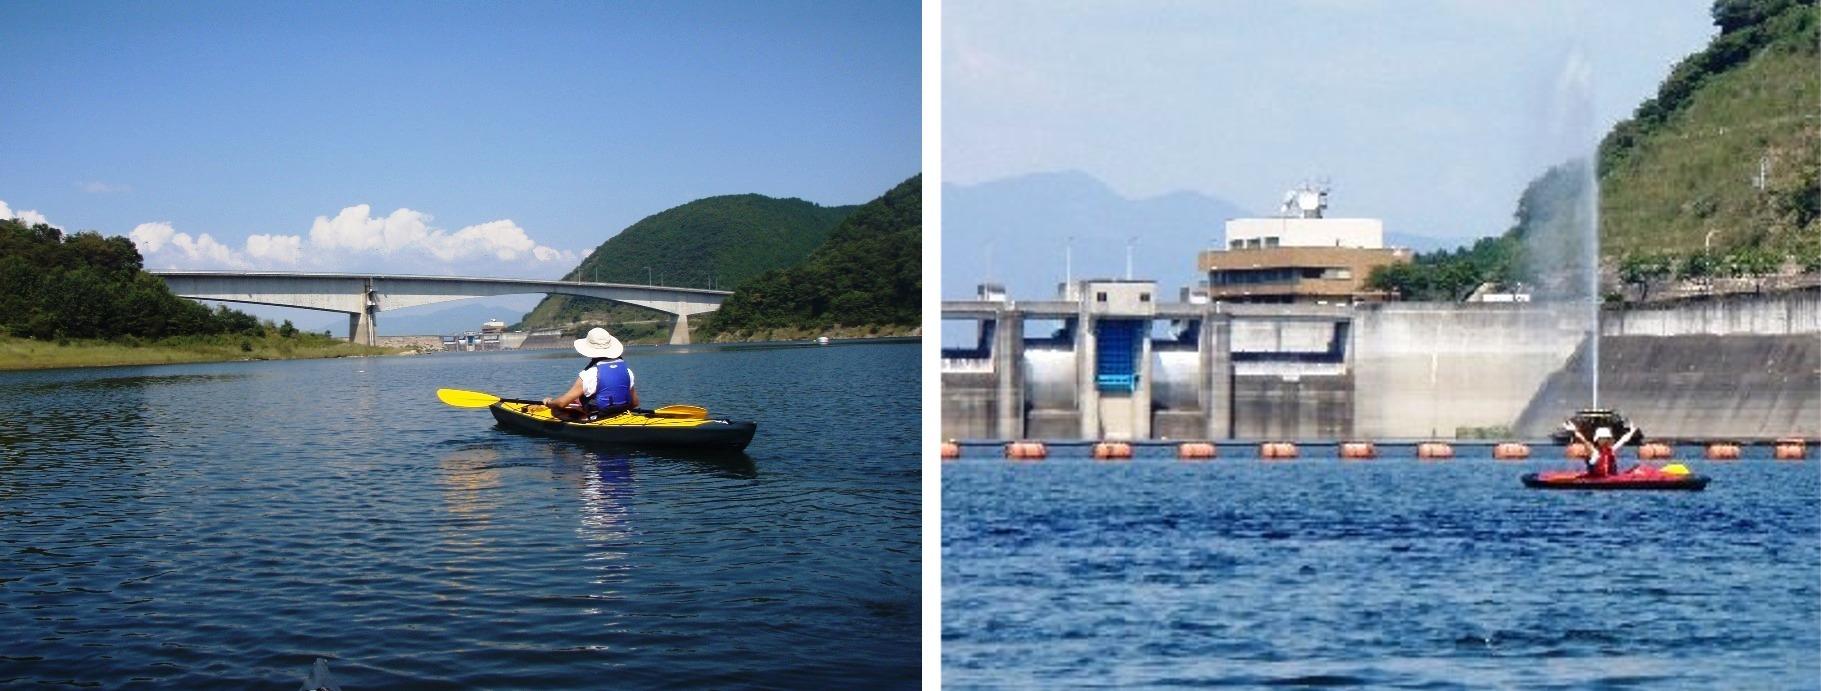 阿木川ダム湖3